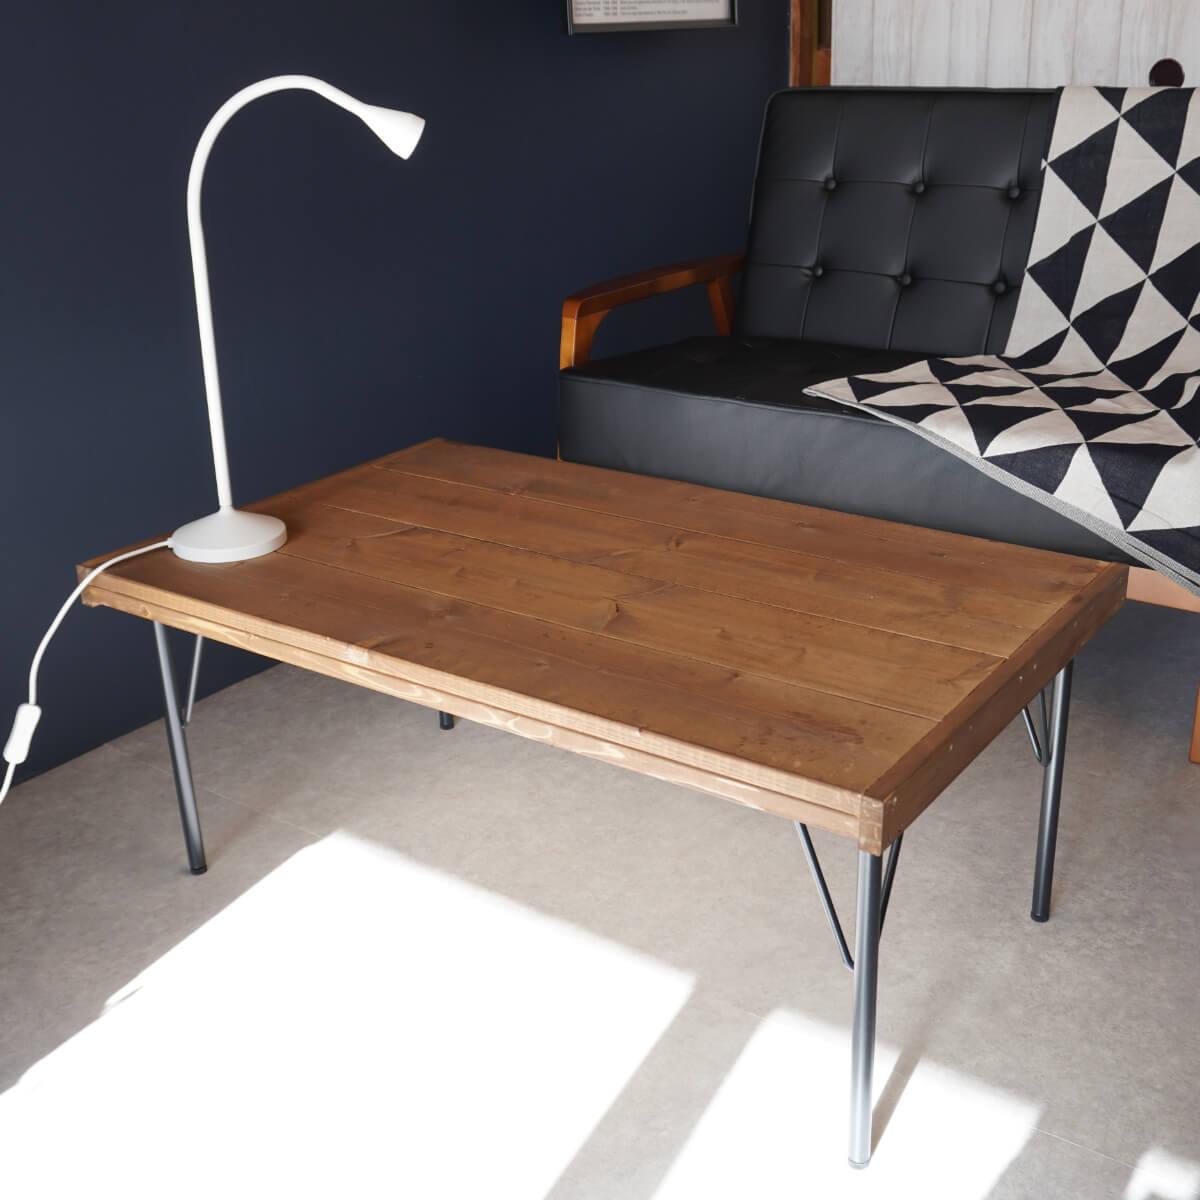 天板がおしゃれなカフェ風ローテーブル